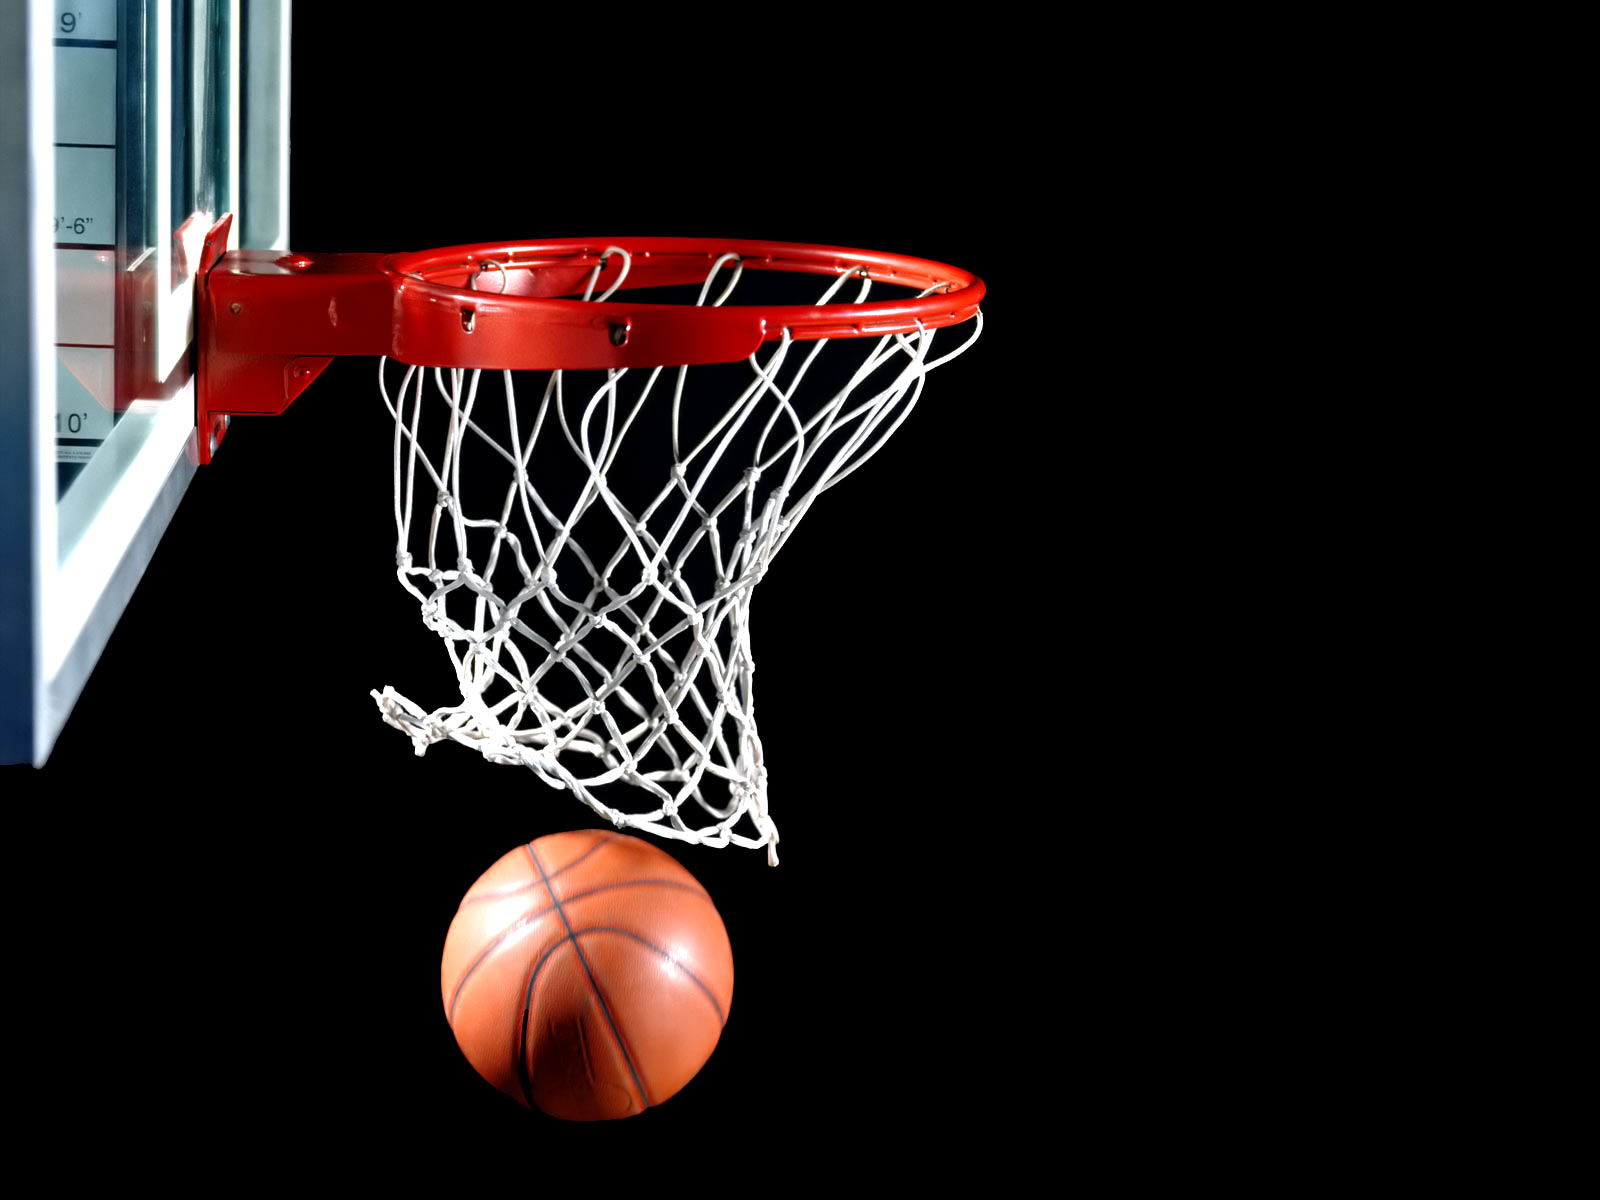 Basketball wallpapers nba | xc 4